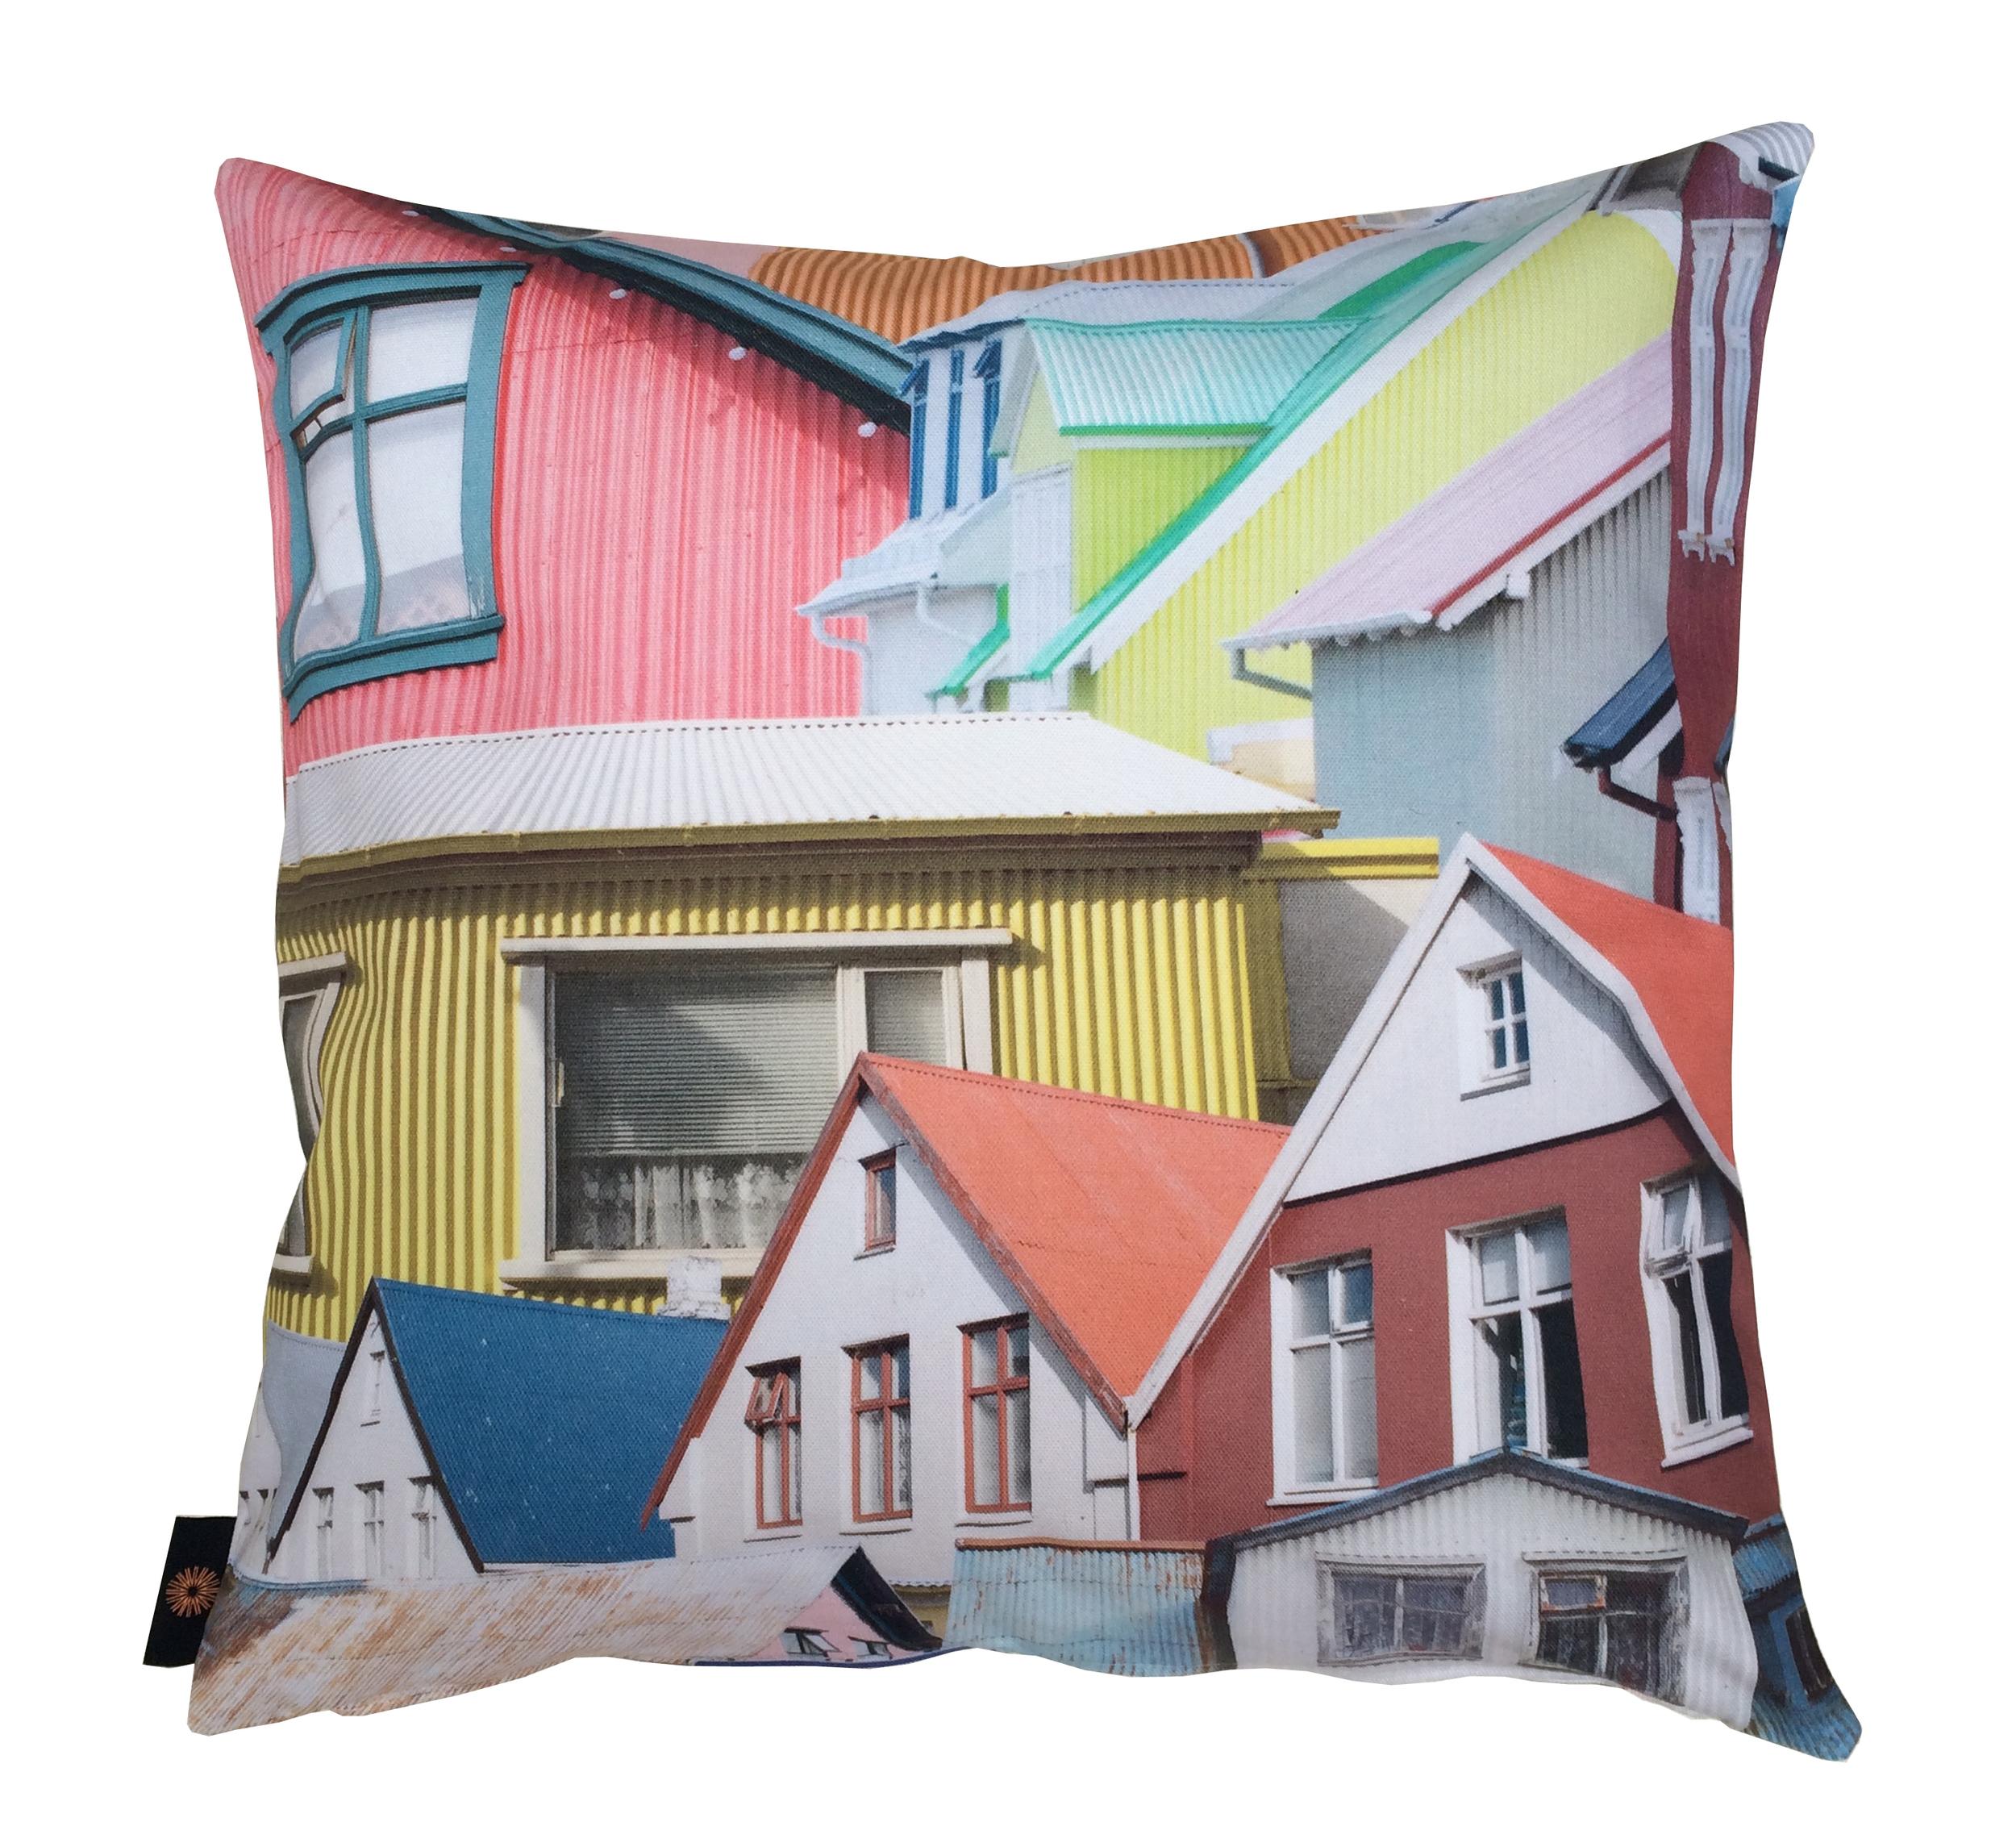 Rekki in Reykjavik cotton cushion